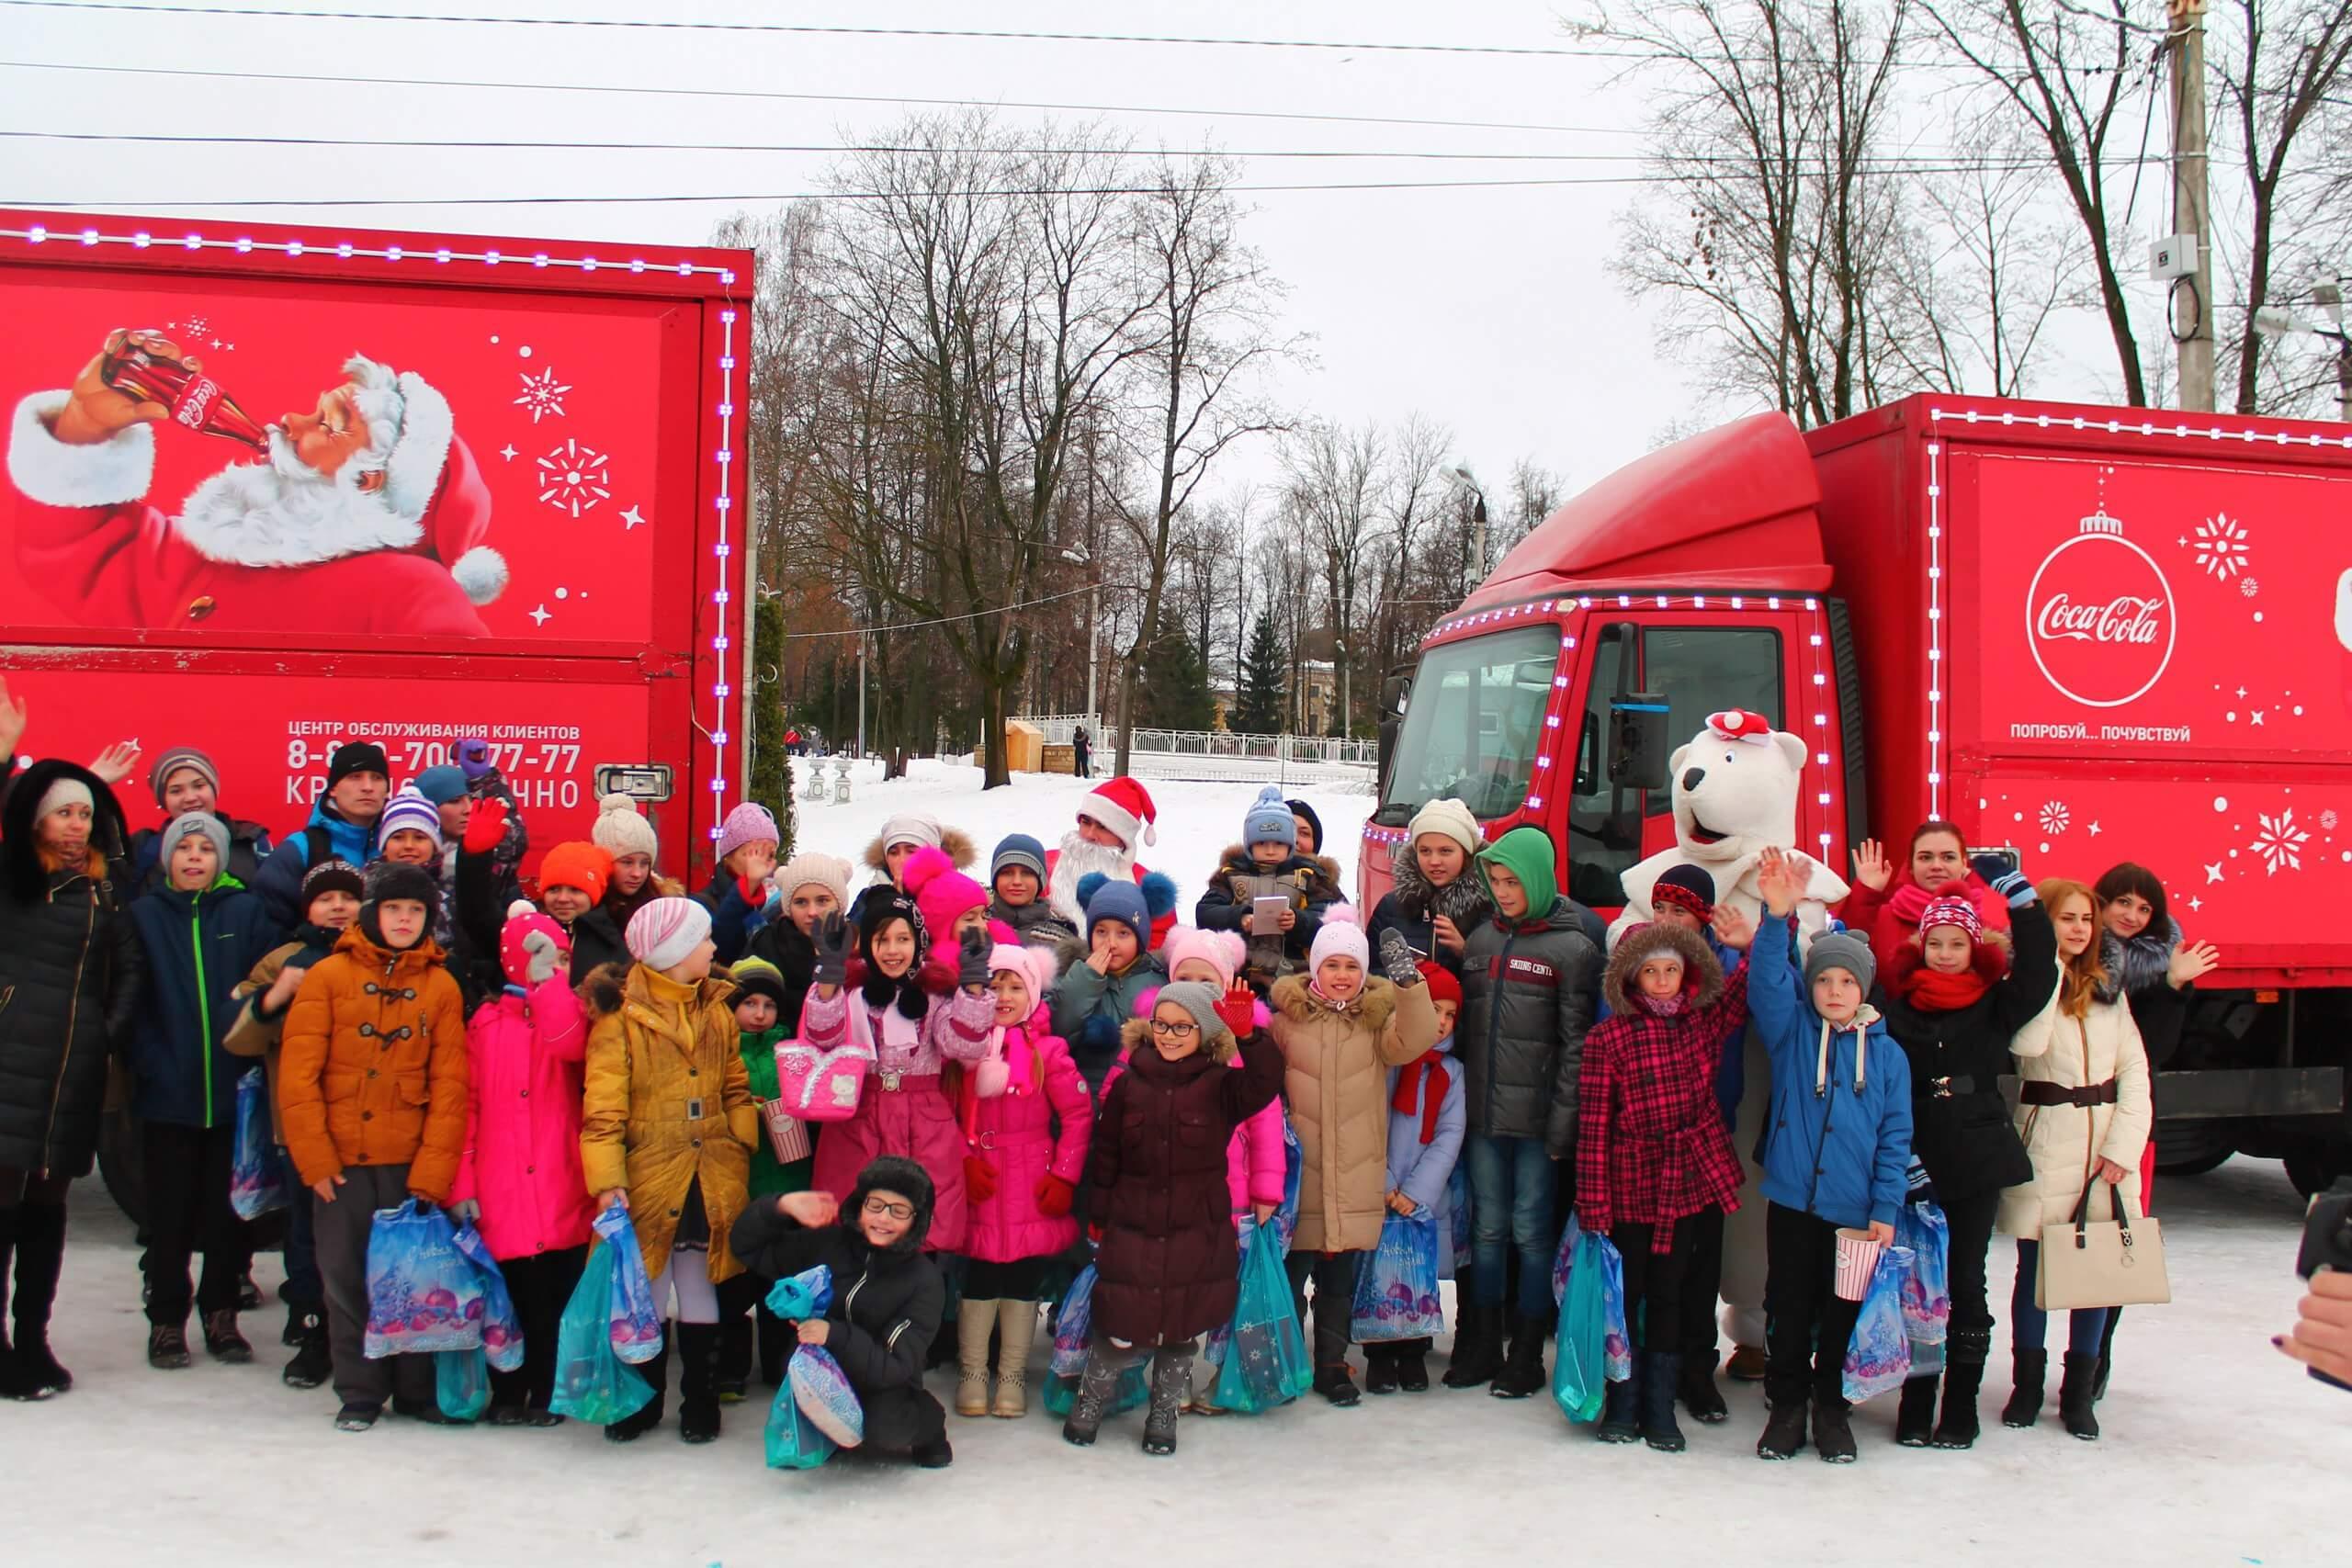 Рождественский караван Coca-Cola проехал через Тверь